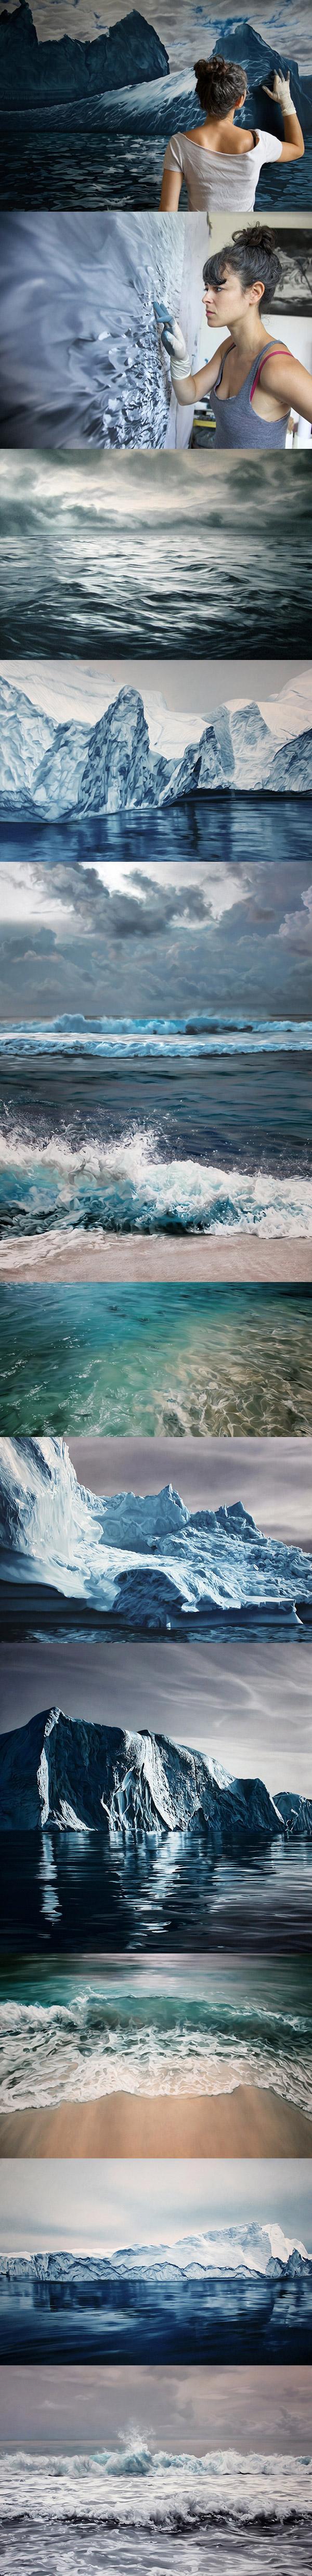 Ener ic Scale Paintings of Splashing Ocean Waves